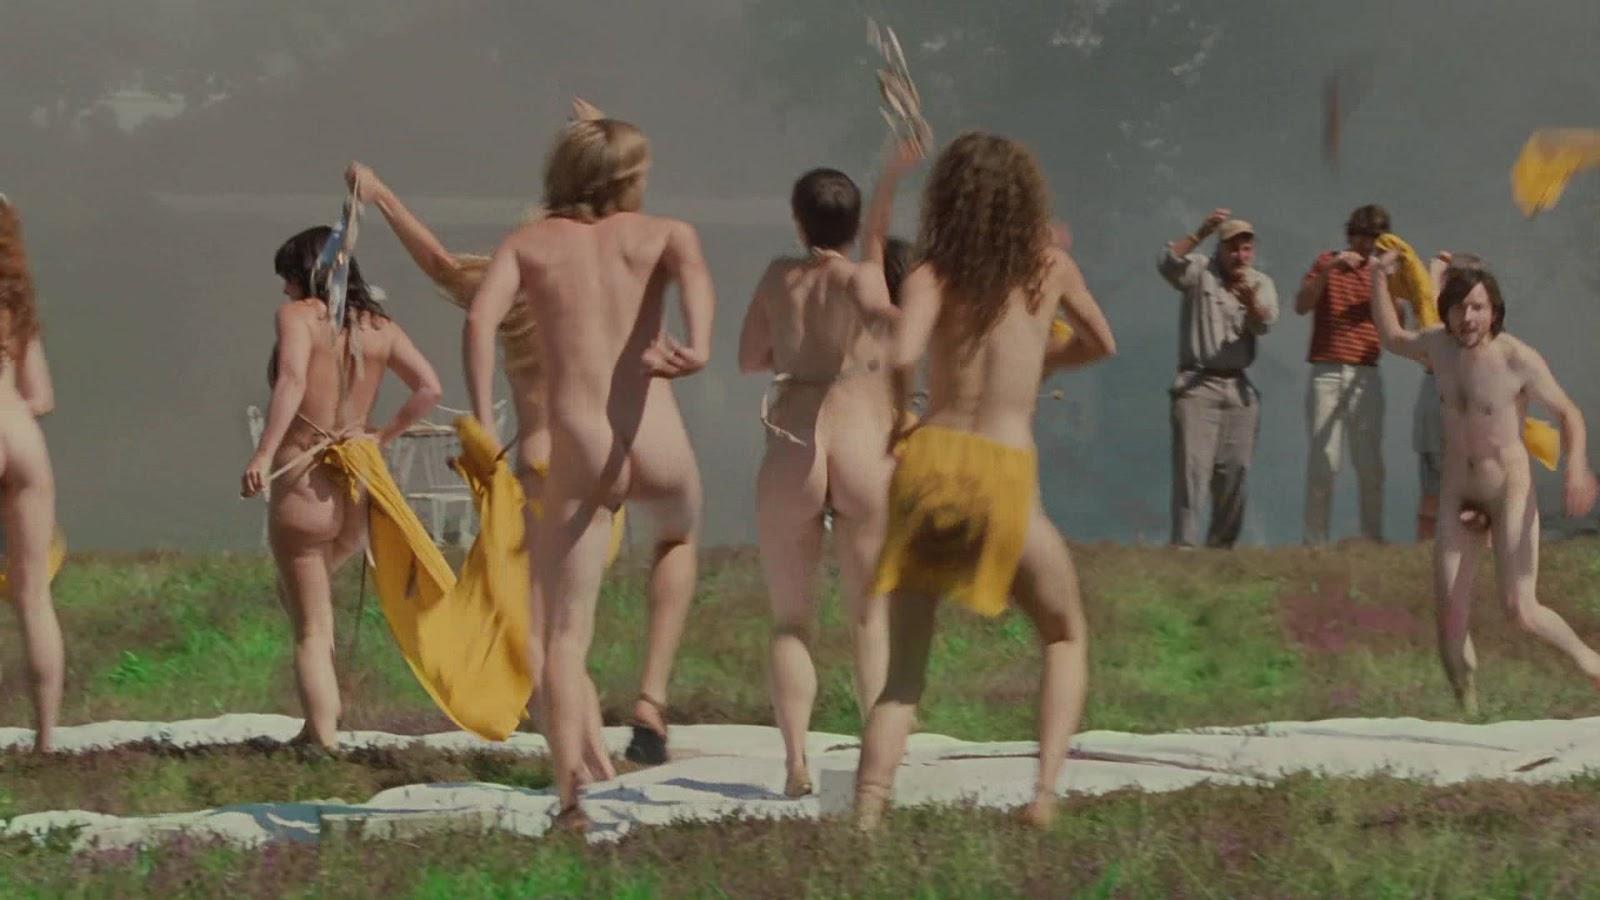 Playground nudity